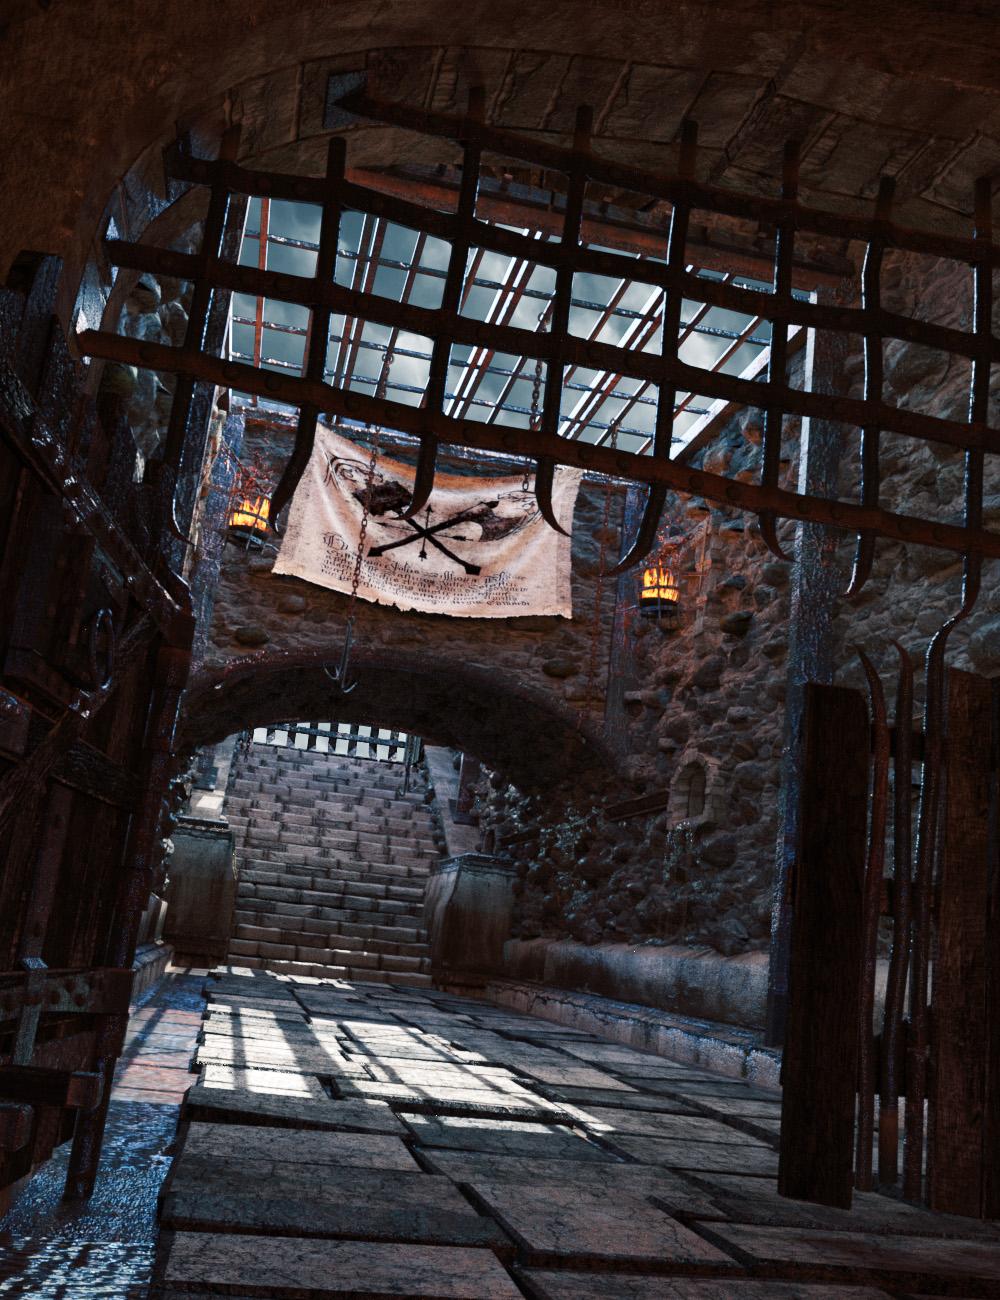 Castle Gravestone Halls by: The Management, 3D Models by Daz 3D